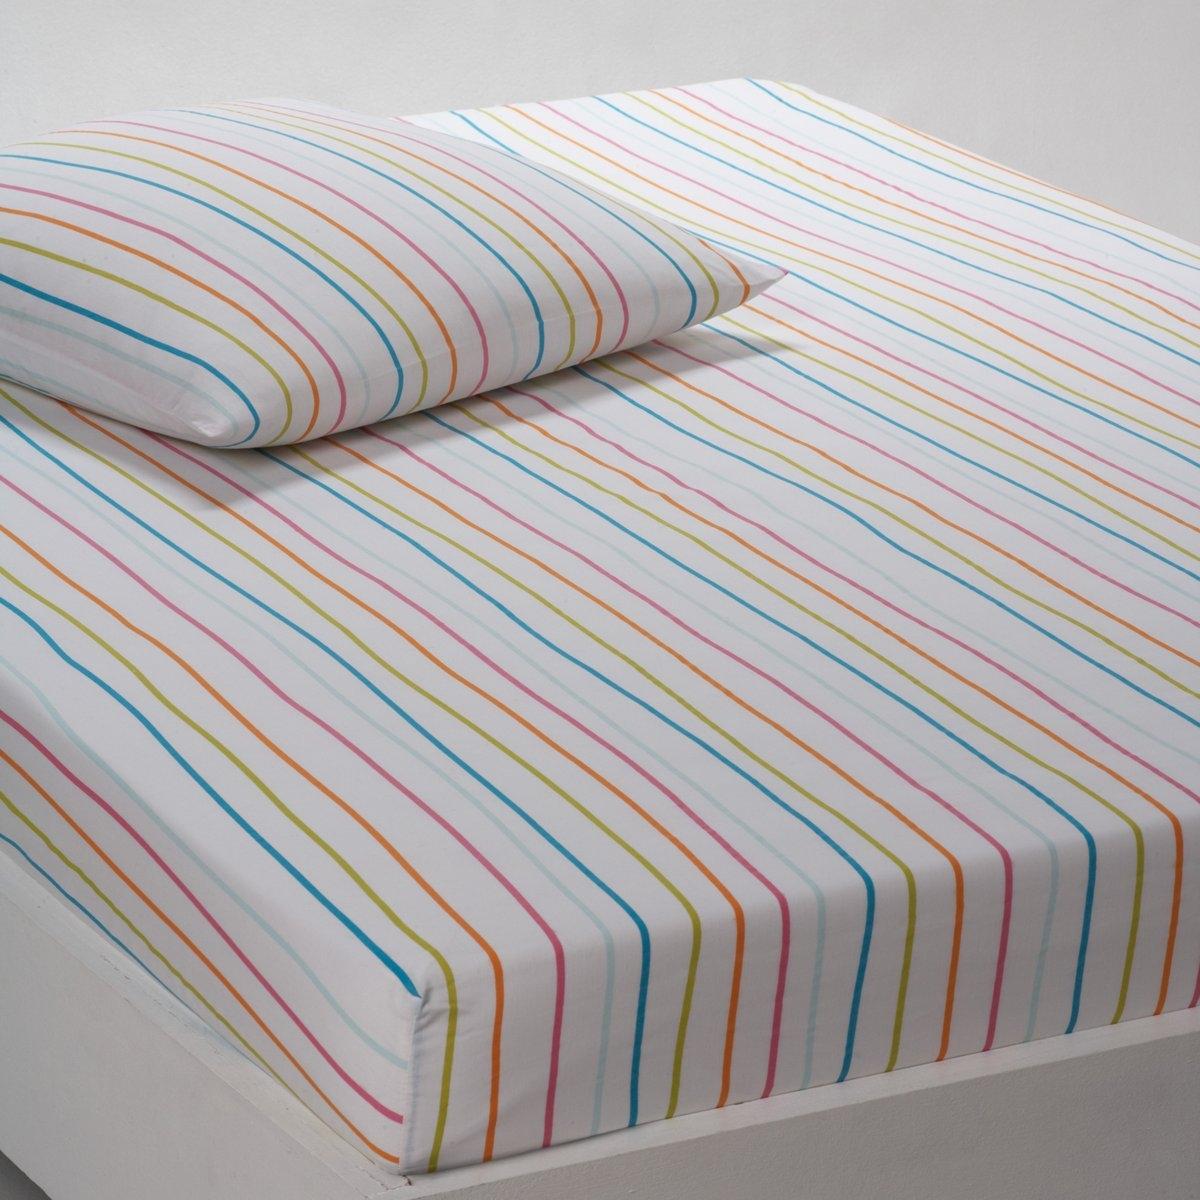 Натяжная простыня СандаВеселый комплект с разноцветными цветами! Качество Valeur S?re за ткань с плотным переплетением нитей (57 нитей/см?). 100% хлопка. В вертикальную полоску. Стирка при 60°. Размеры:  90 x 190 см : 1-сп. 140 x 190 см : 2-сп. 160 x 200 см : 2-сп.<br><br>Цвет: розовый/ зеленый<br>Размер: 140 x 190  см